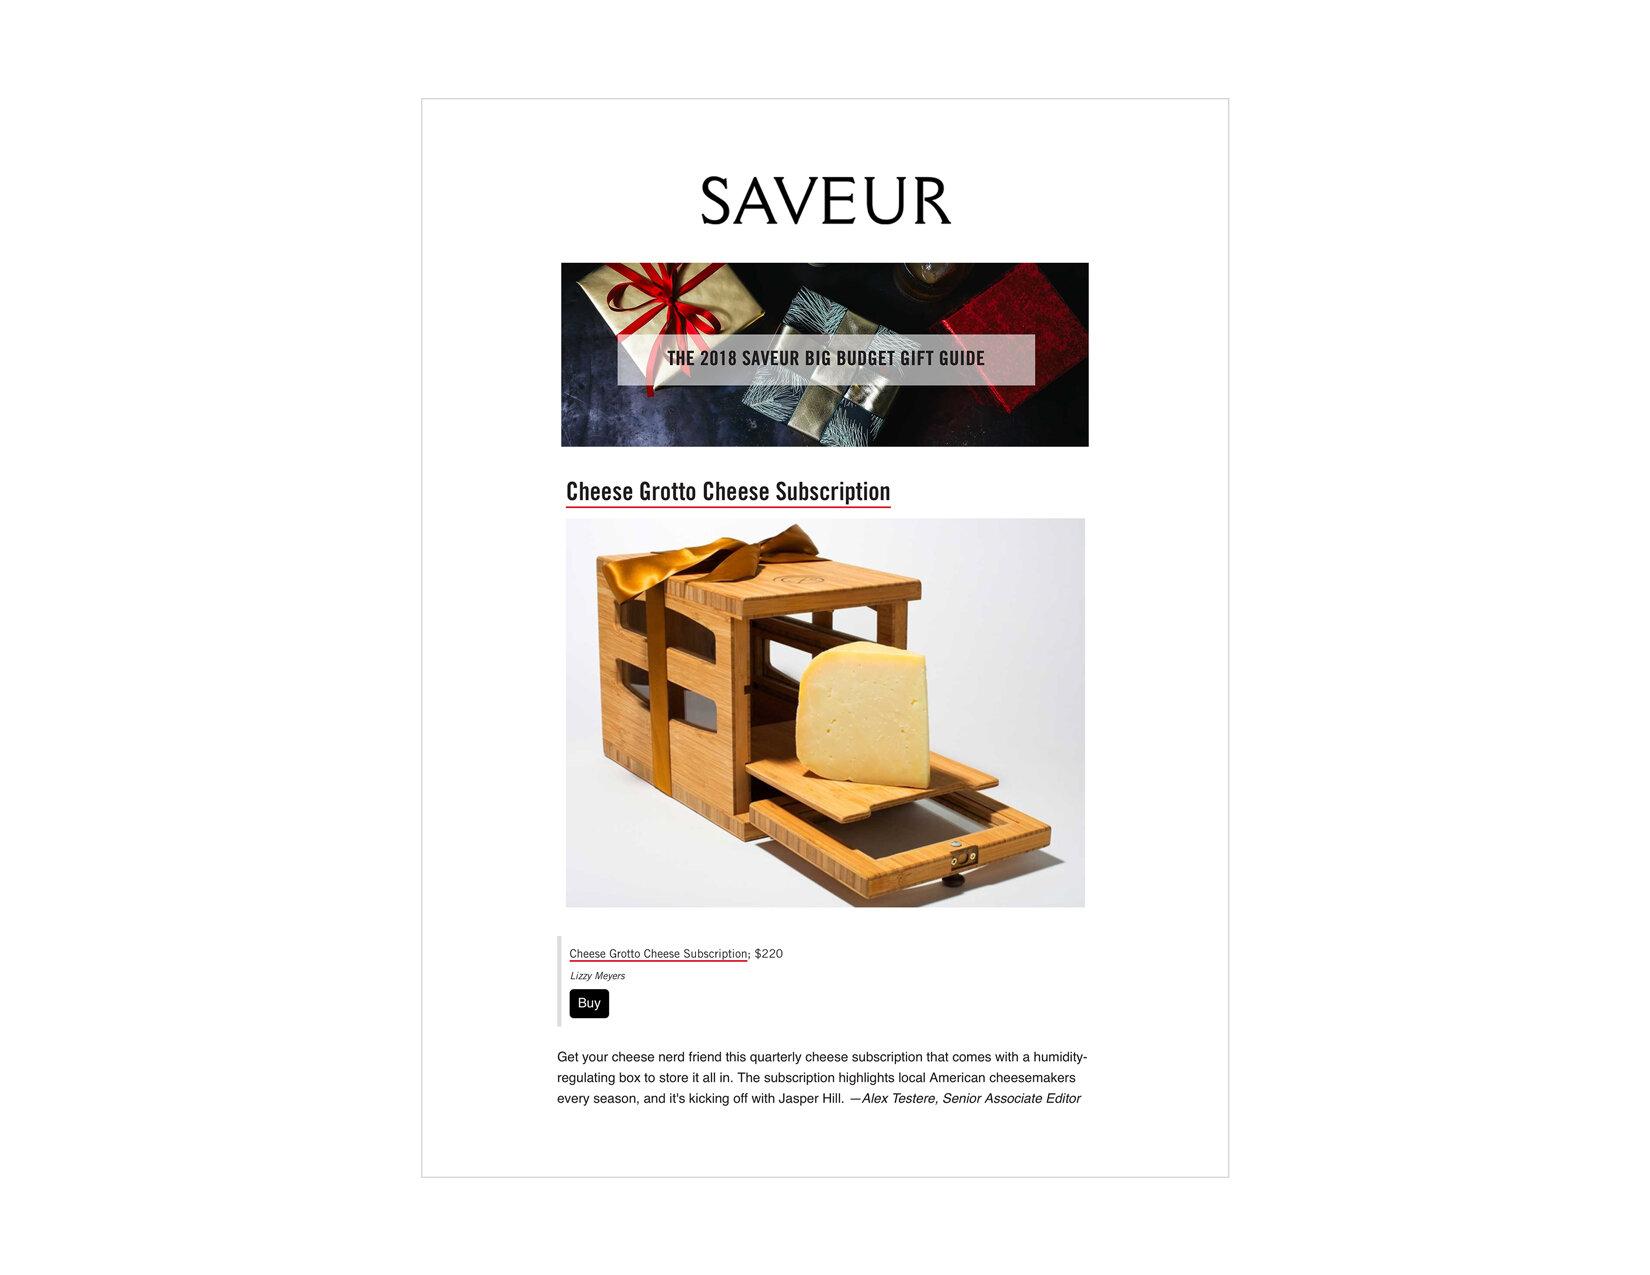 ourwork-saveur-cheesegrotto.jpg